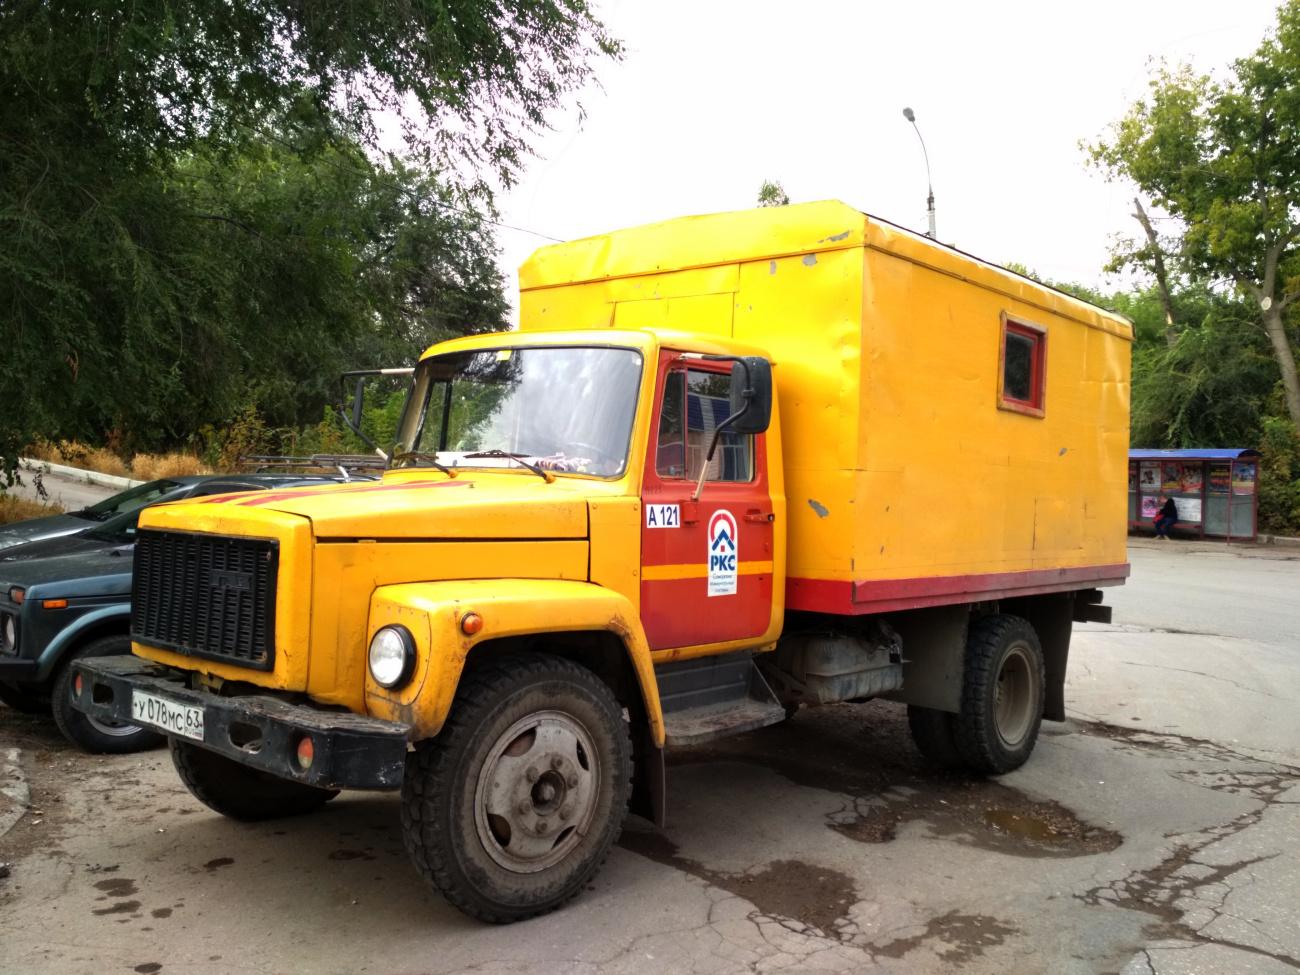 Автомобиль аварийной службы на шасси ГАЗ-3307. г. Самара, ул. Советской Армии